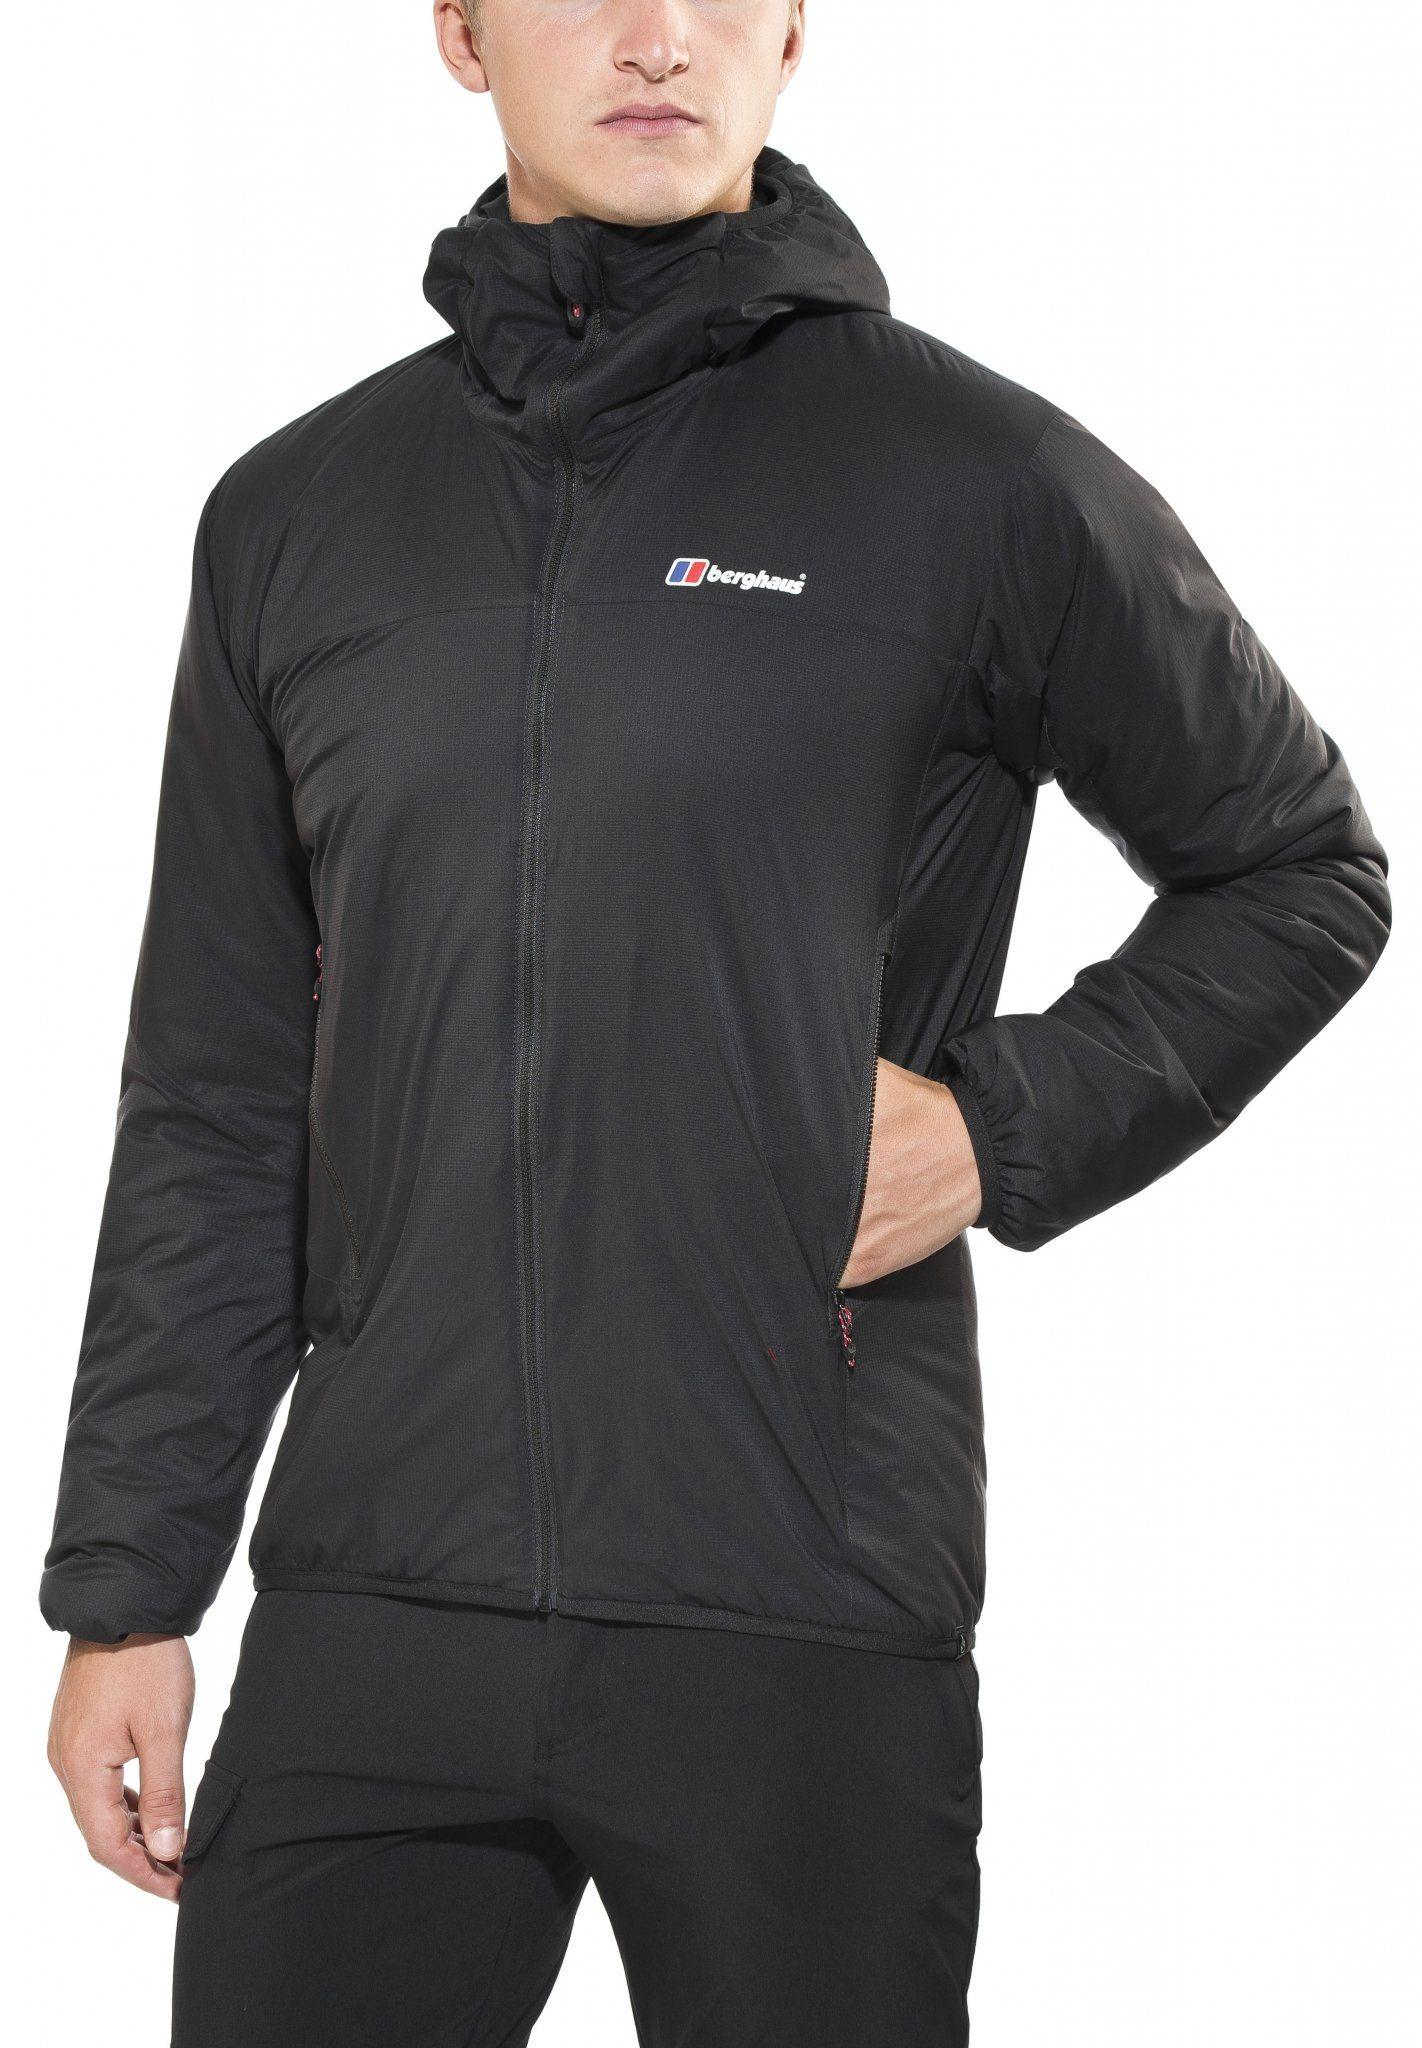 Berghaus Outdoorjacke »Berghaus Reversa Jacket Men«